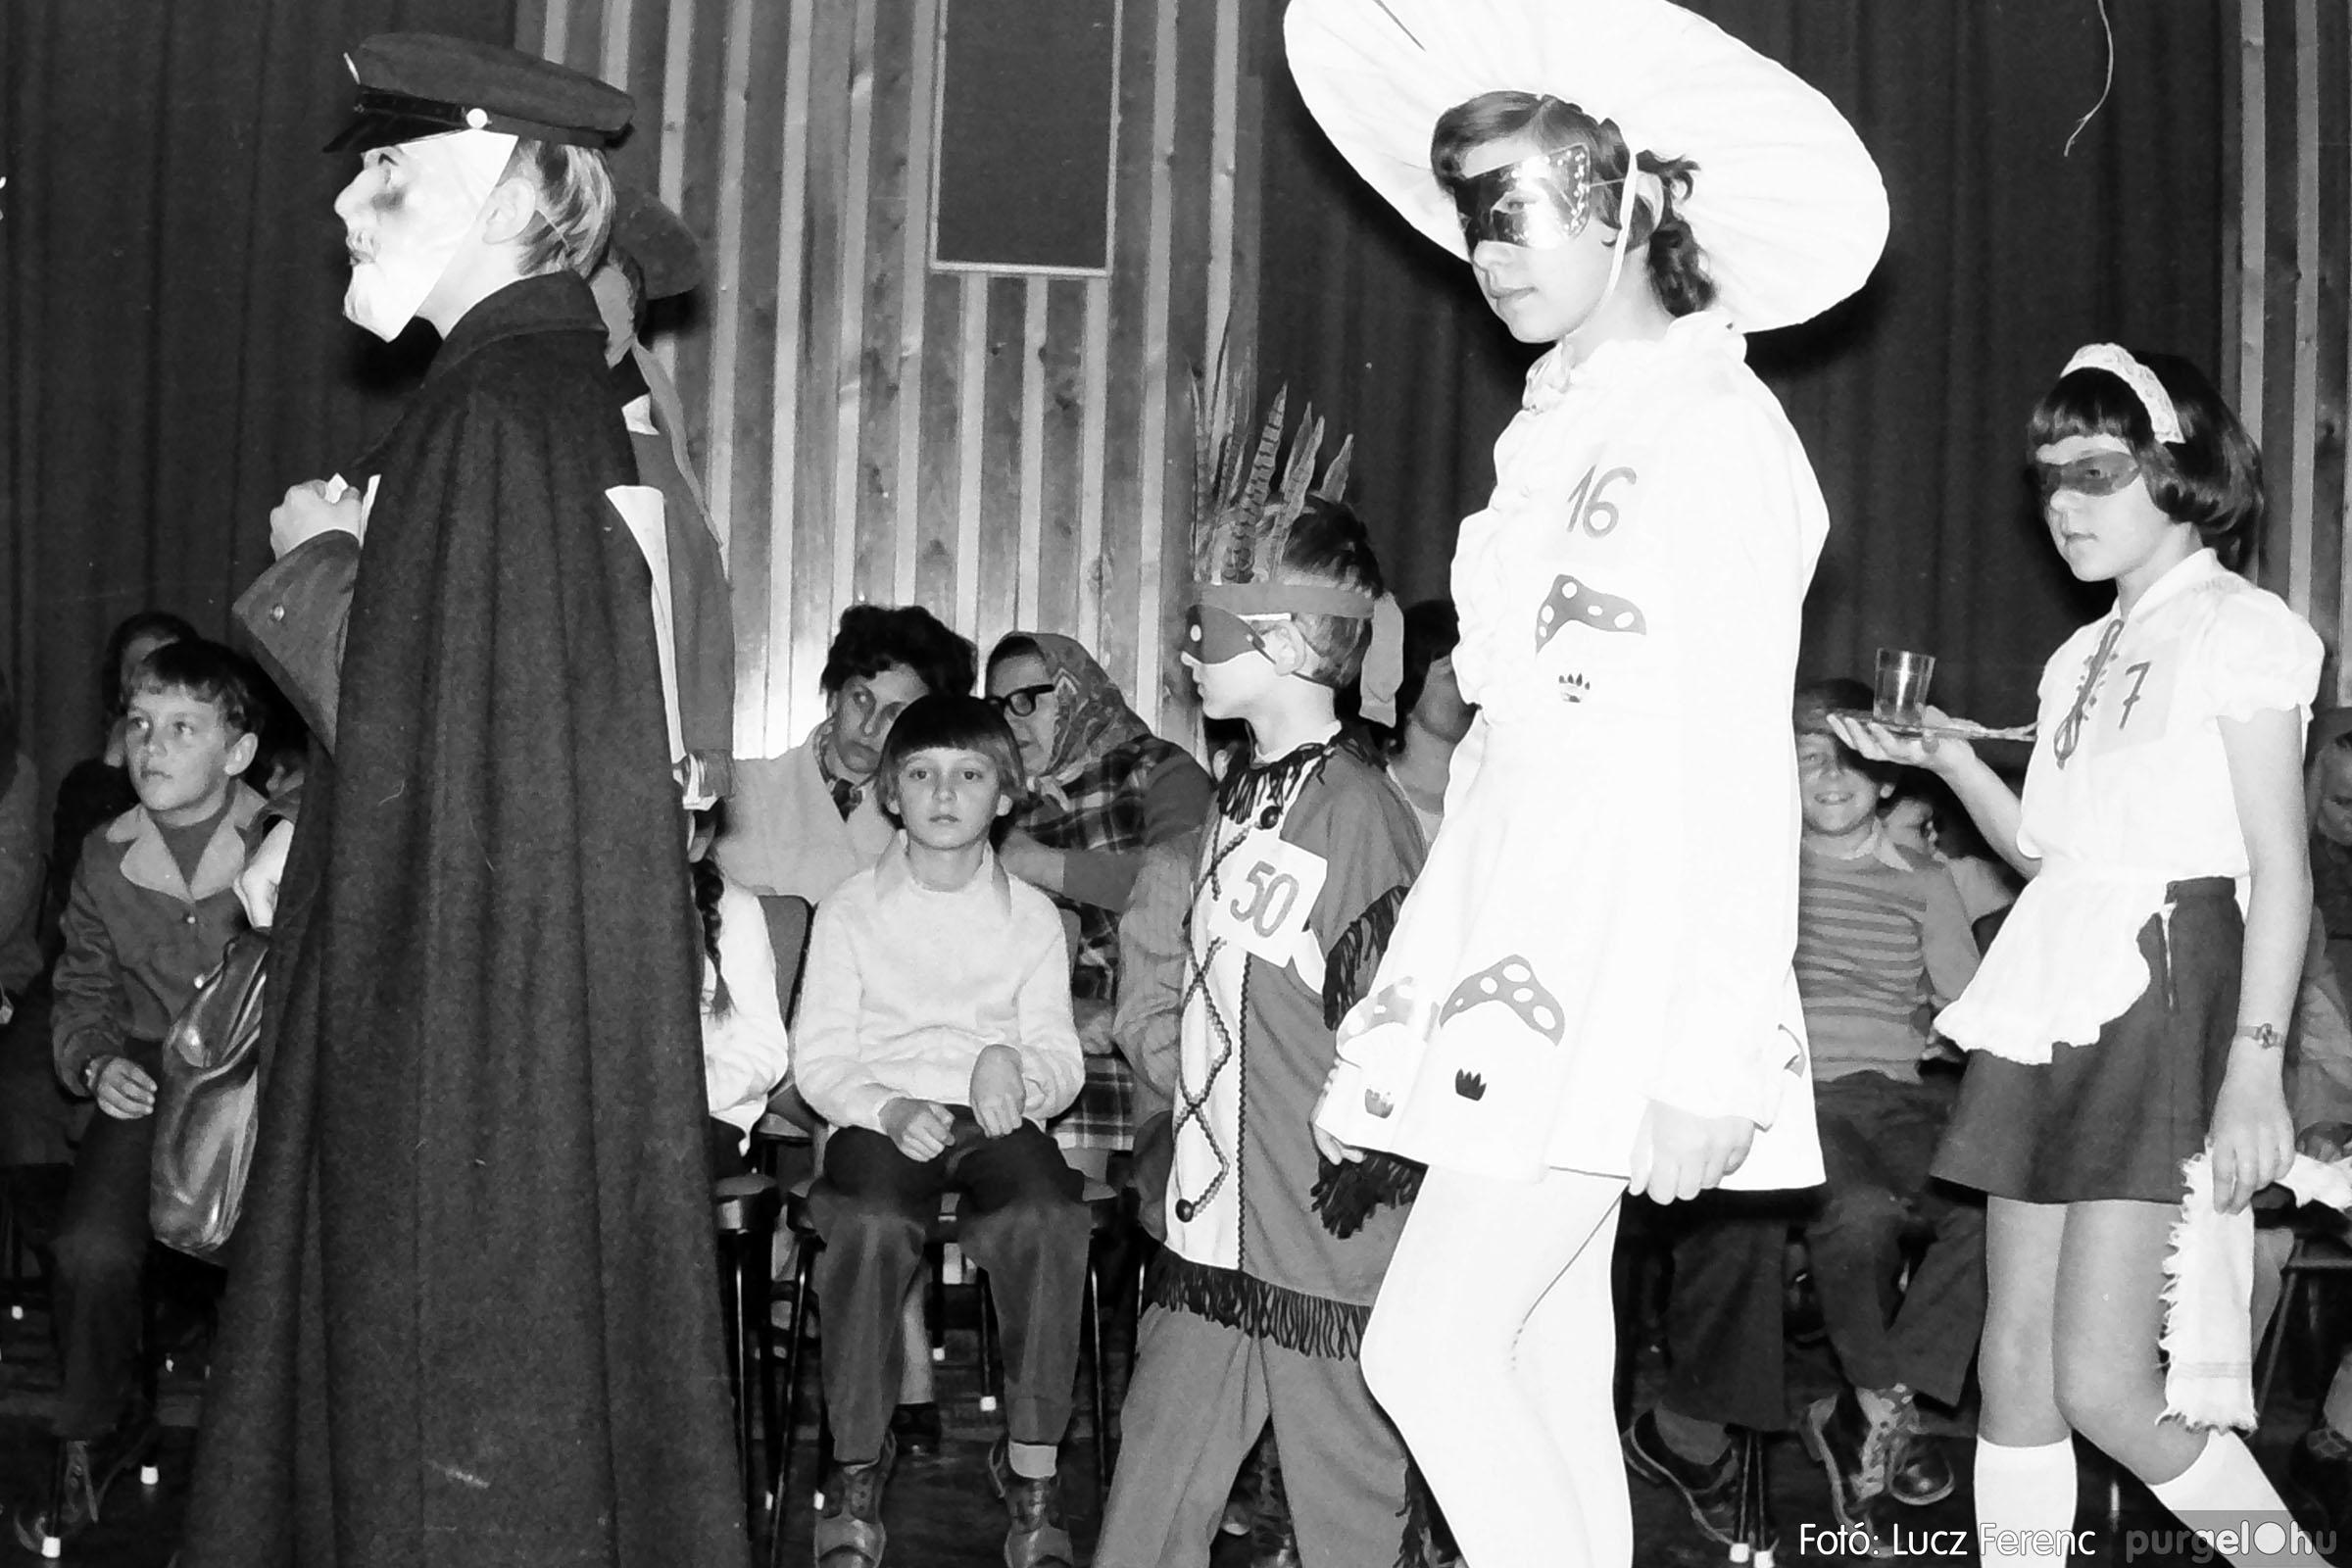 035. 1976. Iskolai farsang a kultúrházban 001 - Fotó: Lucz Ferenc.jpg